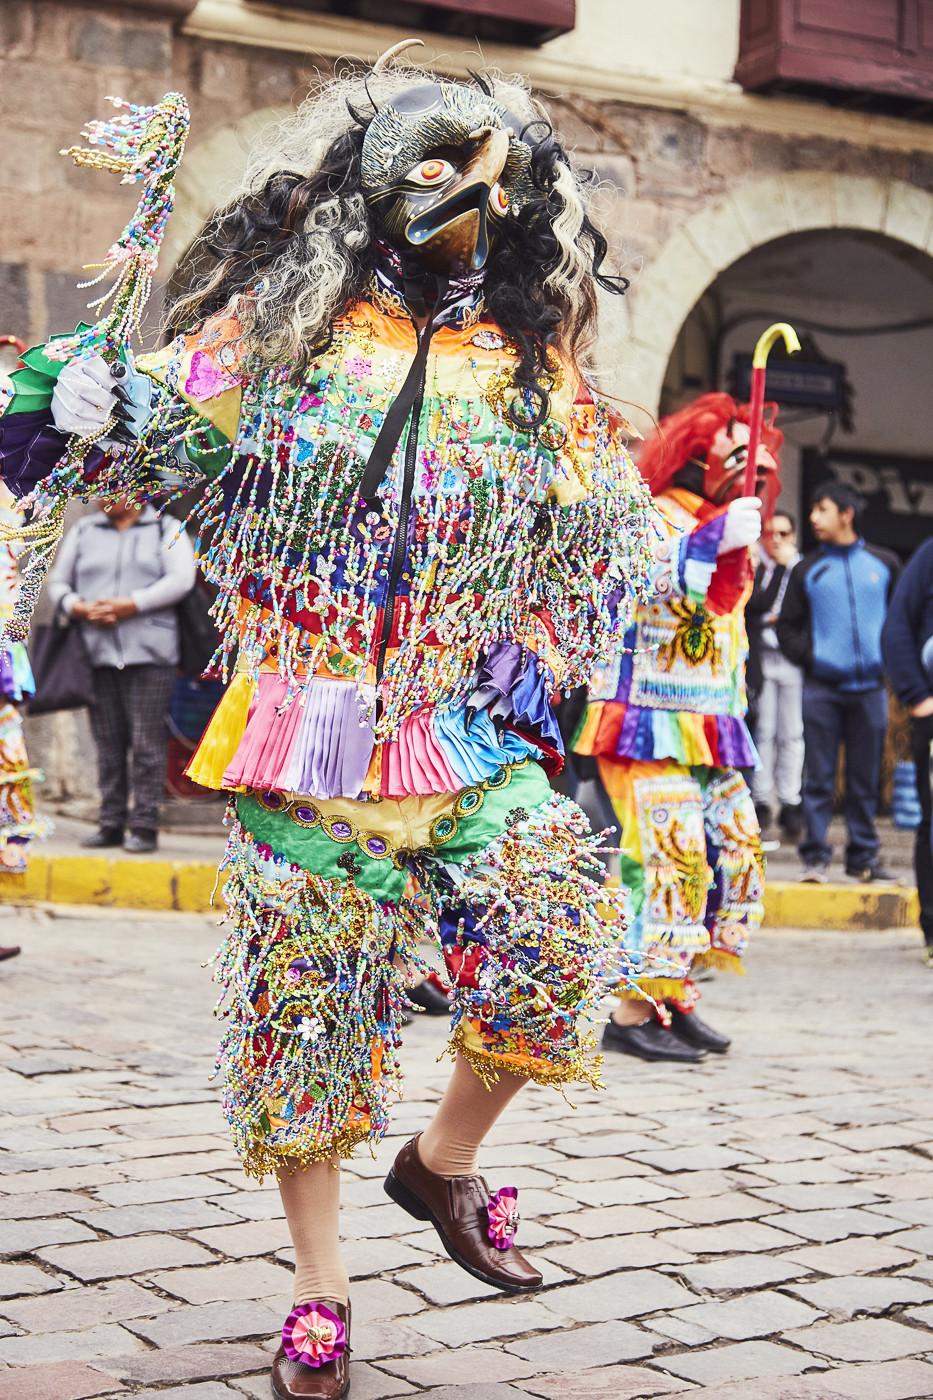 Mann mit buntem Outfit und Vogelmaske. Während unserer Peru Reise sind wir in Cusco auf einen Umzug zu Ehren des Señor de Huanca gestoßen und haben dem Umzug beigewohnt